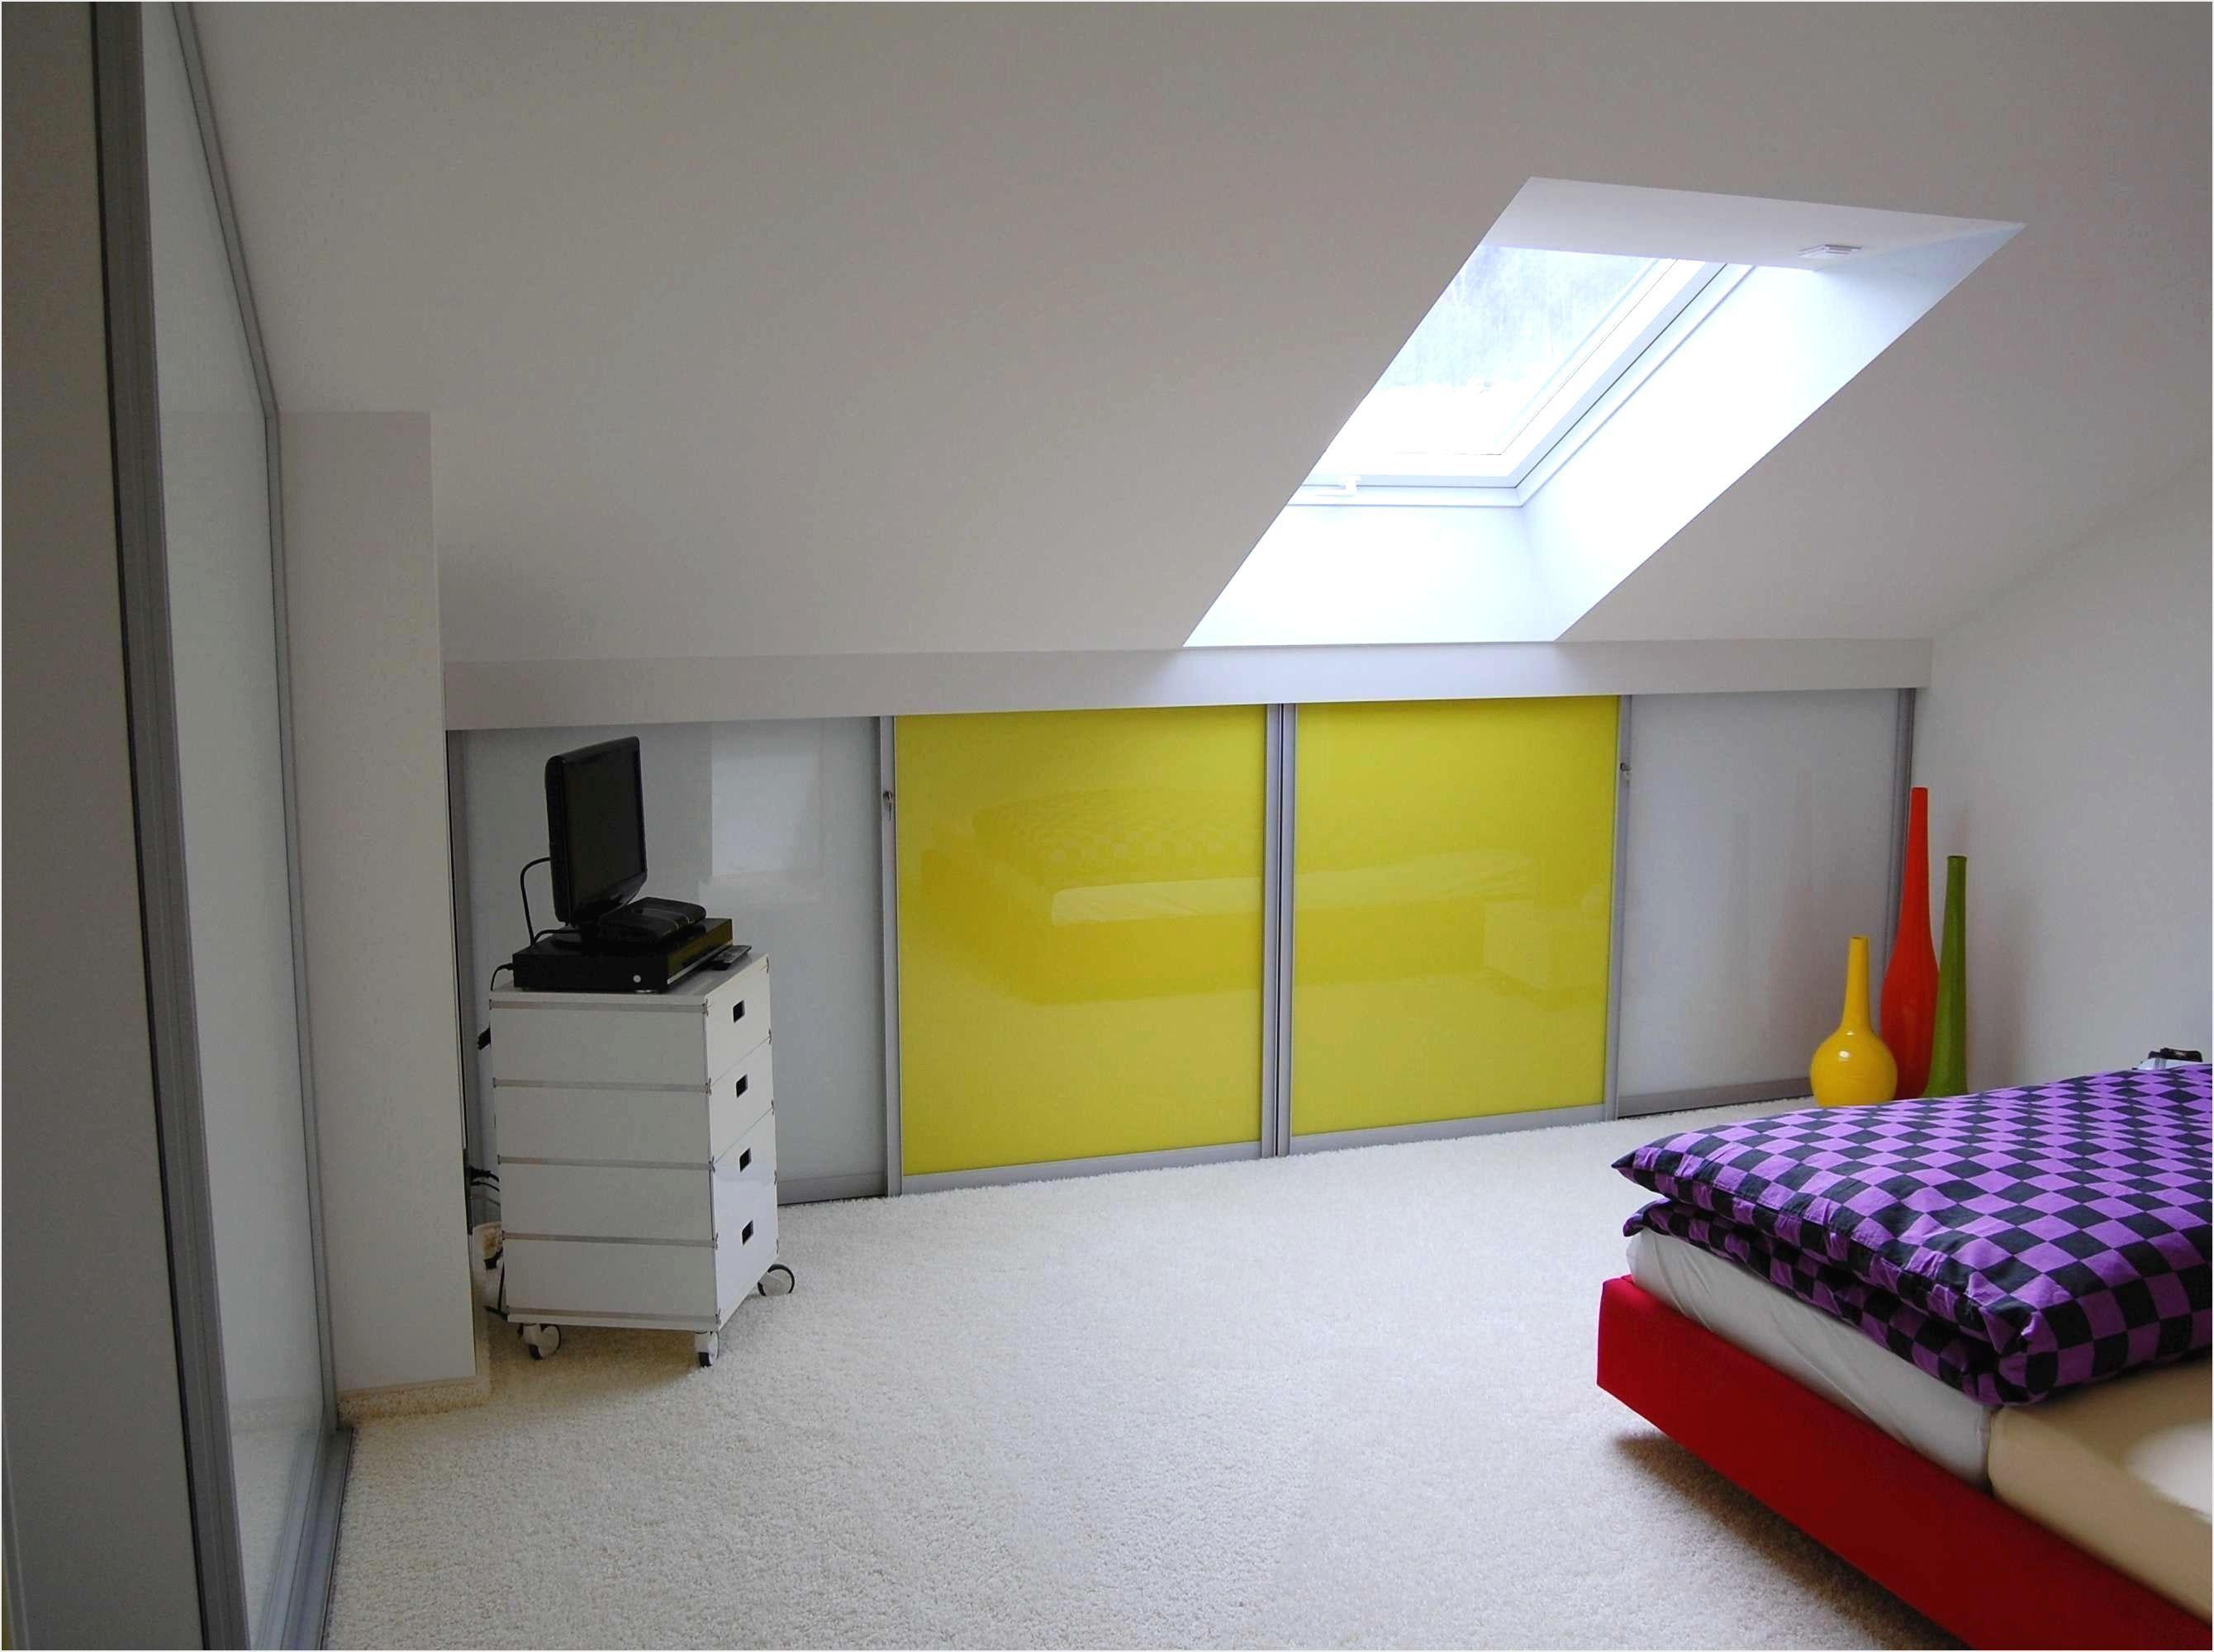 49 Frisch Wandgestaltung Dachschräge Kinderzimmer Home